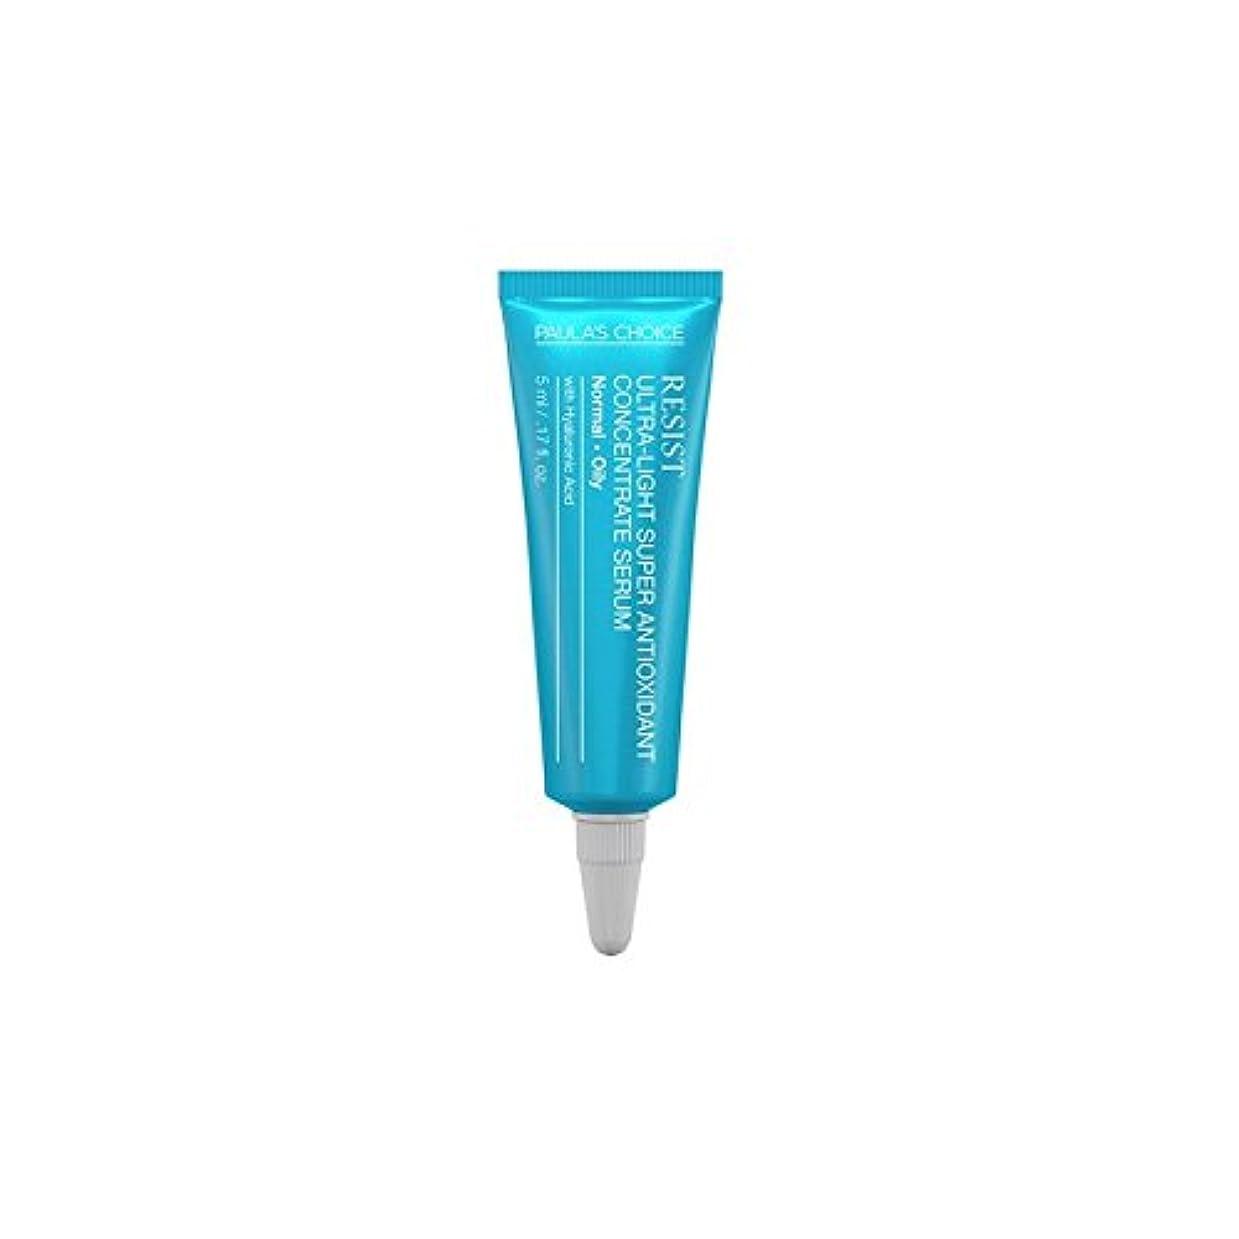 バリアトレード下るトライアルサイズ(5ミリリットル) - ポーラチョイスは、超軽量のスーパー抗酸化濃縮血清に抵抗します x4 - Paula's Choice Resist Ultra-Light Super Antioxidant Concentrate Serum - Trial Size (5ml) (Pack of 4) [並行輸入品]